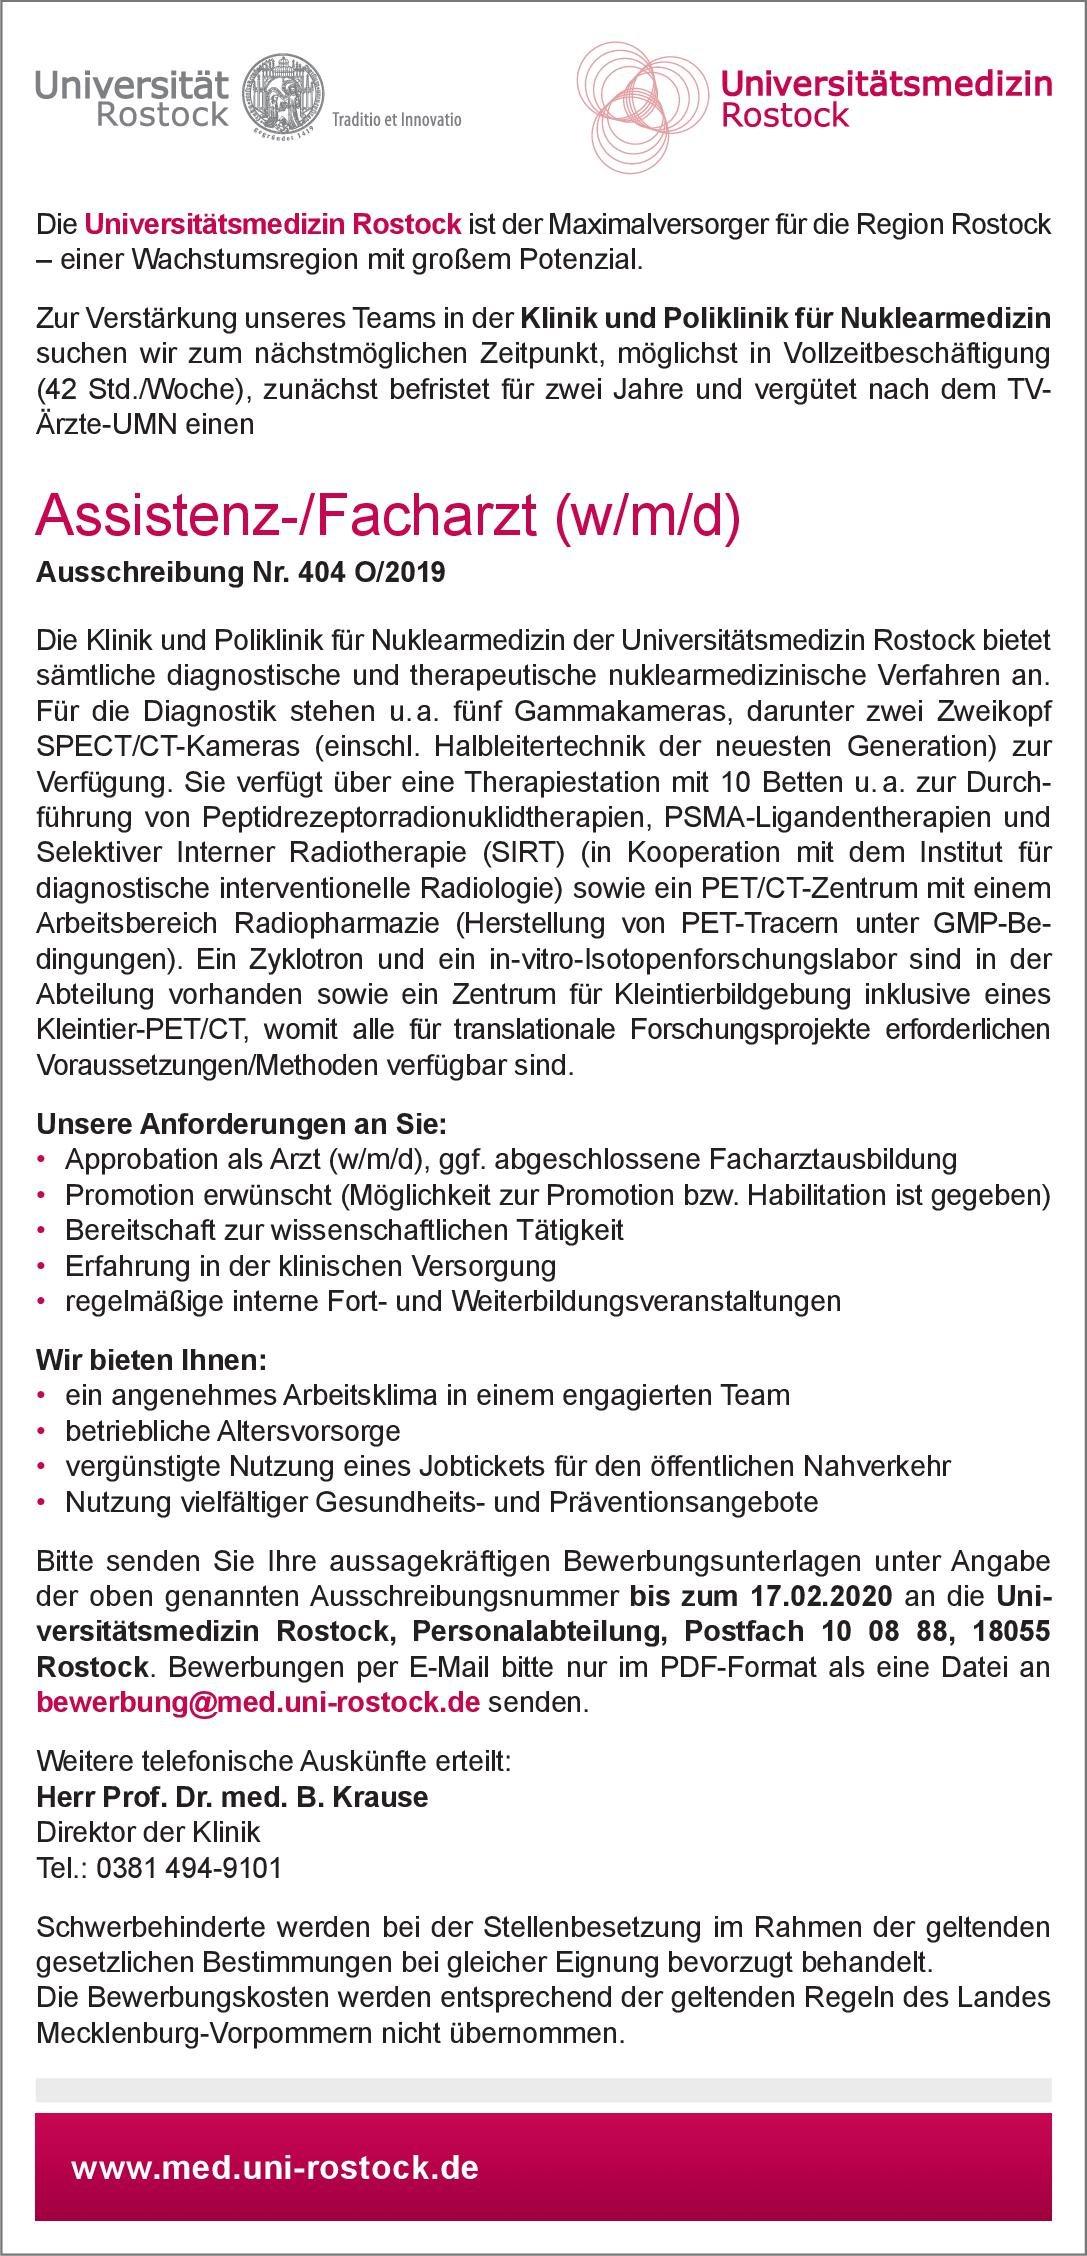 Universitätsmedizin Rostock Assistenz-/Facharzt (w/m/d) Nuklearmedizin Nuklearmedizin Arzt / Facharzt, Assistenzarzt / Arzt in Weiterbildung